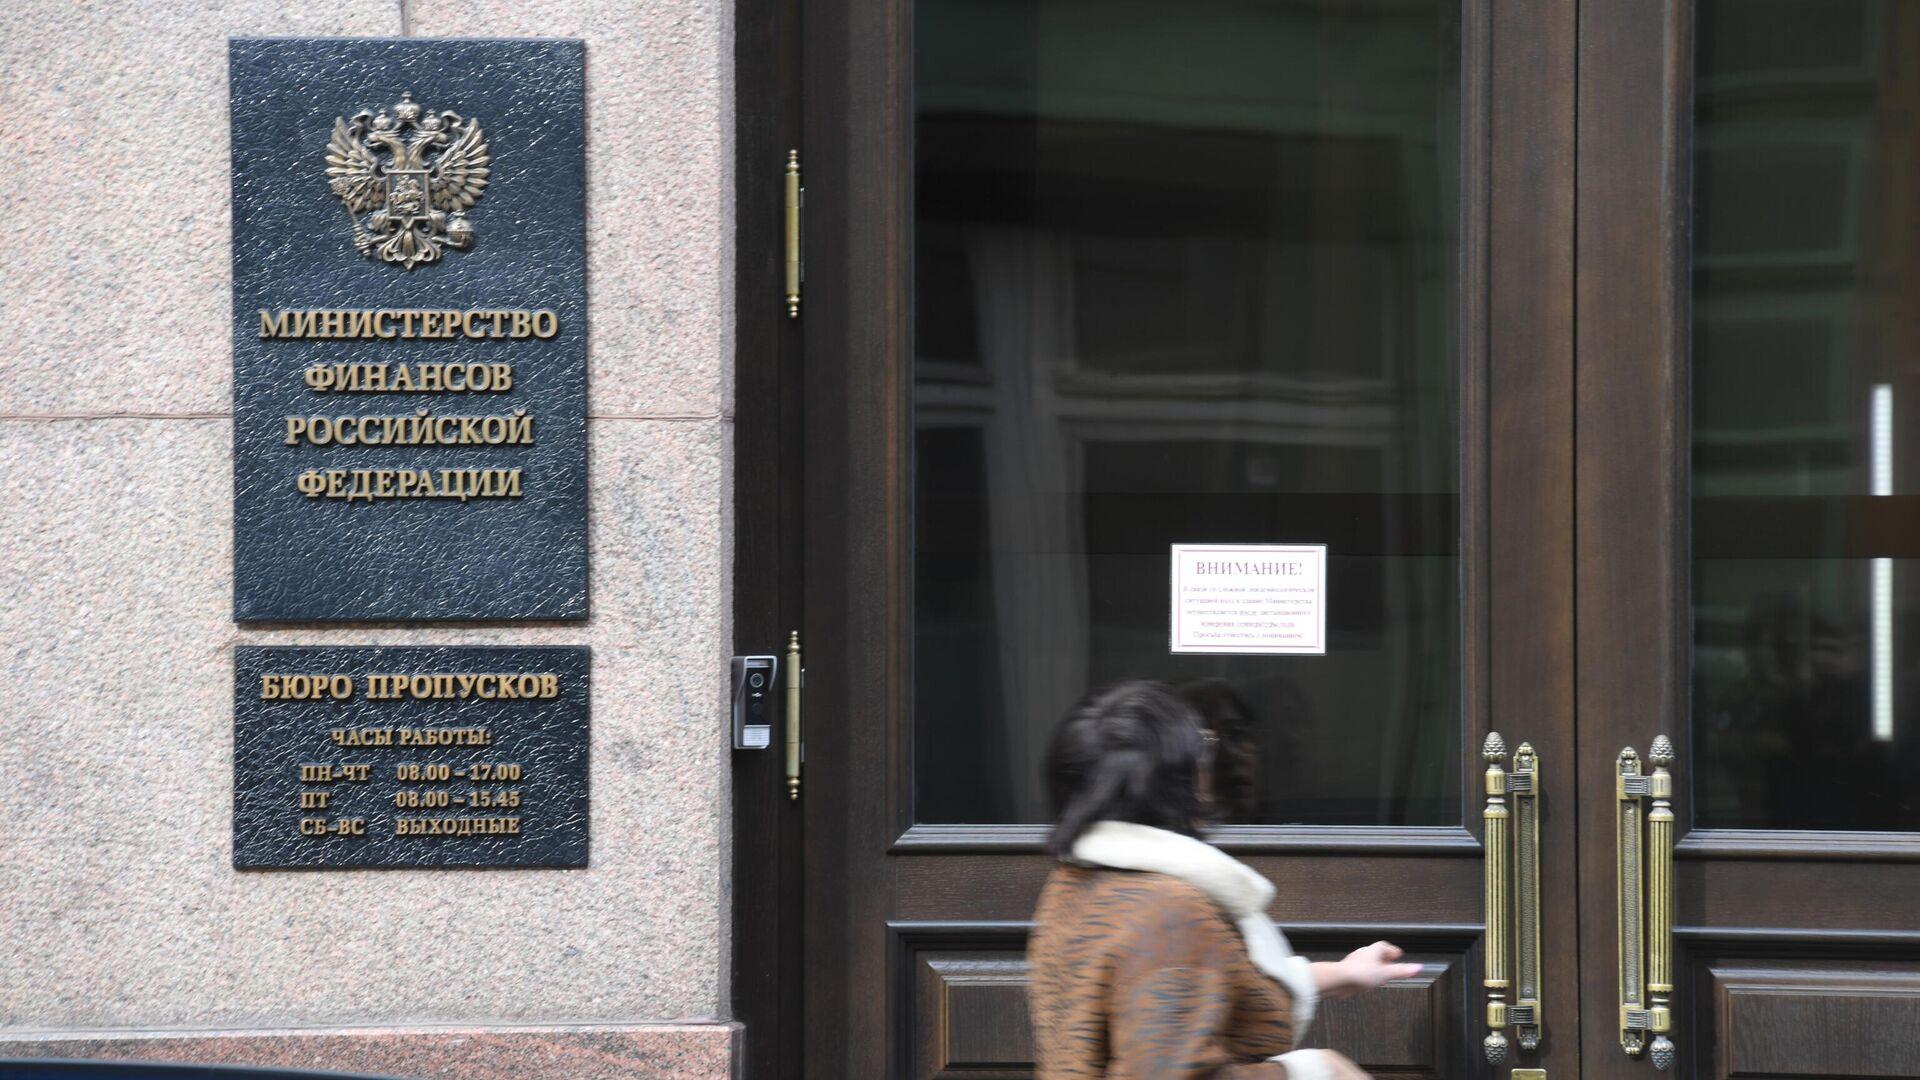 Здание министерства финансов РФ  - РИА Новости, 1920, 21.04.2021